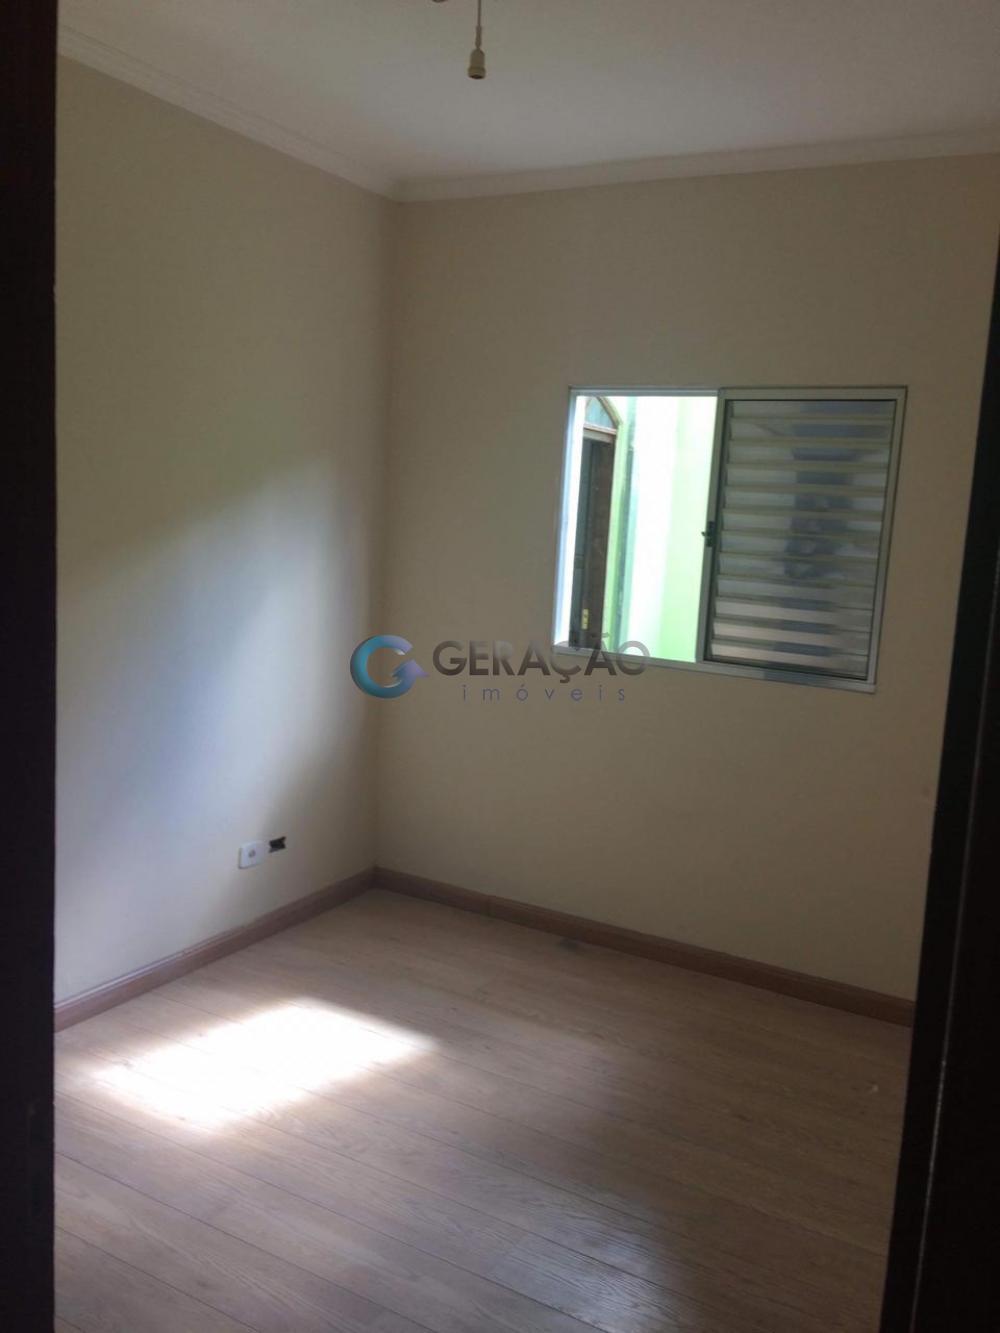 Comprar Casa / Padrão em São José dos Campos apenas R$ 215.000,00 - Foto 8